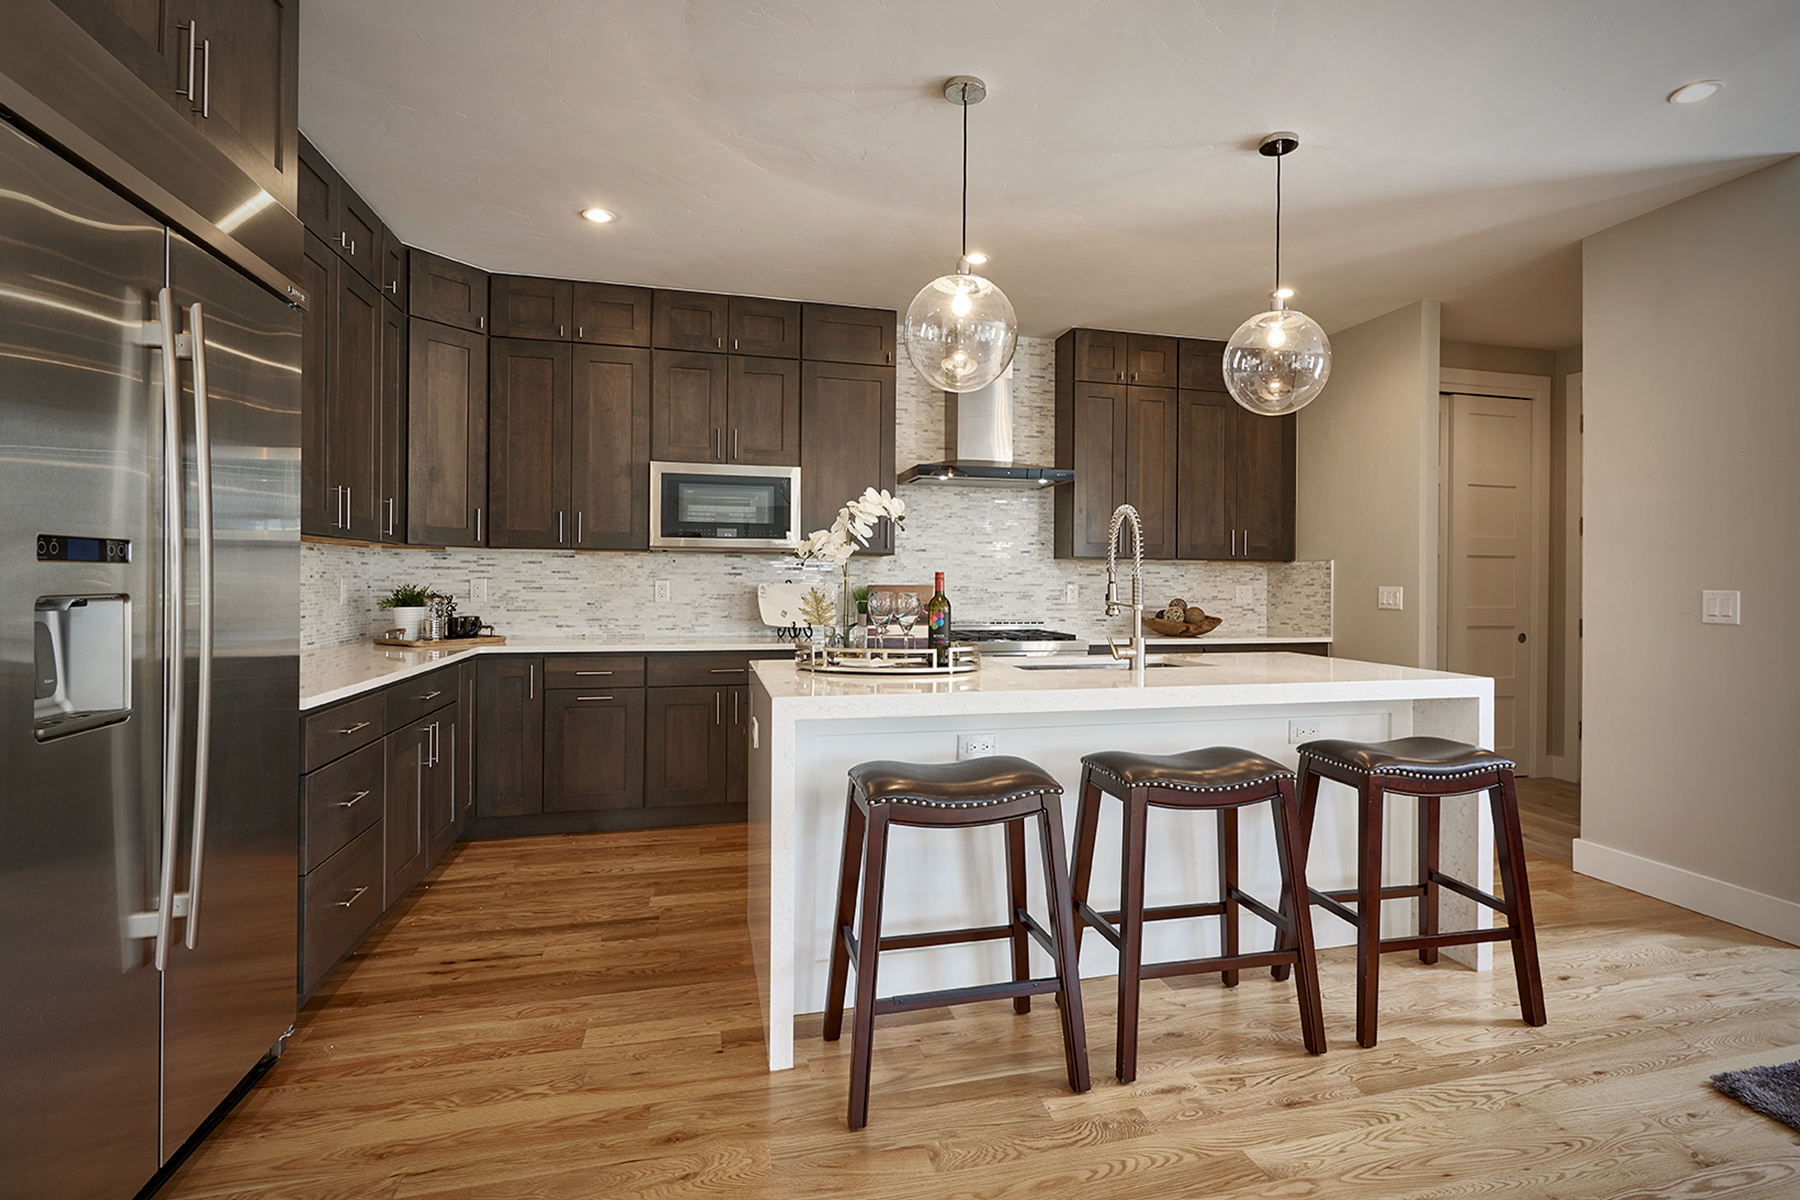 frontier-kitchen1.jpg